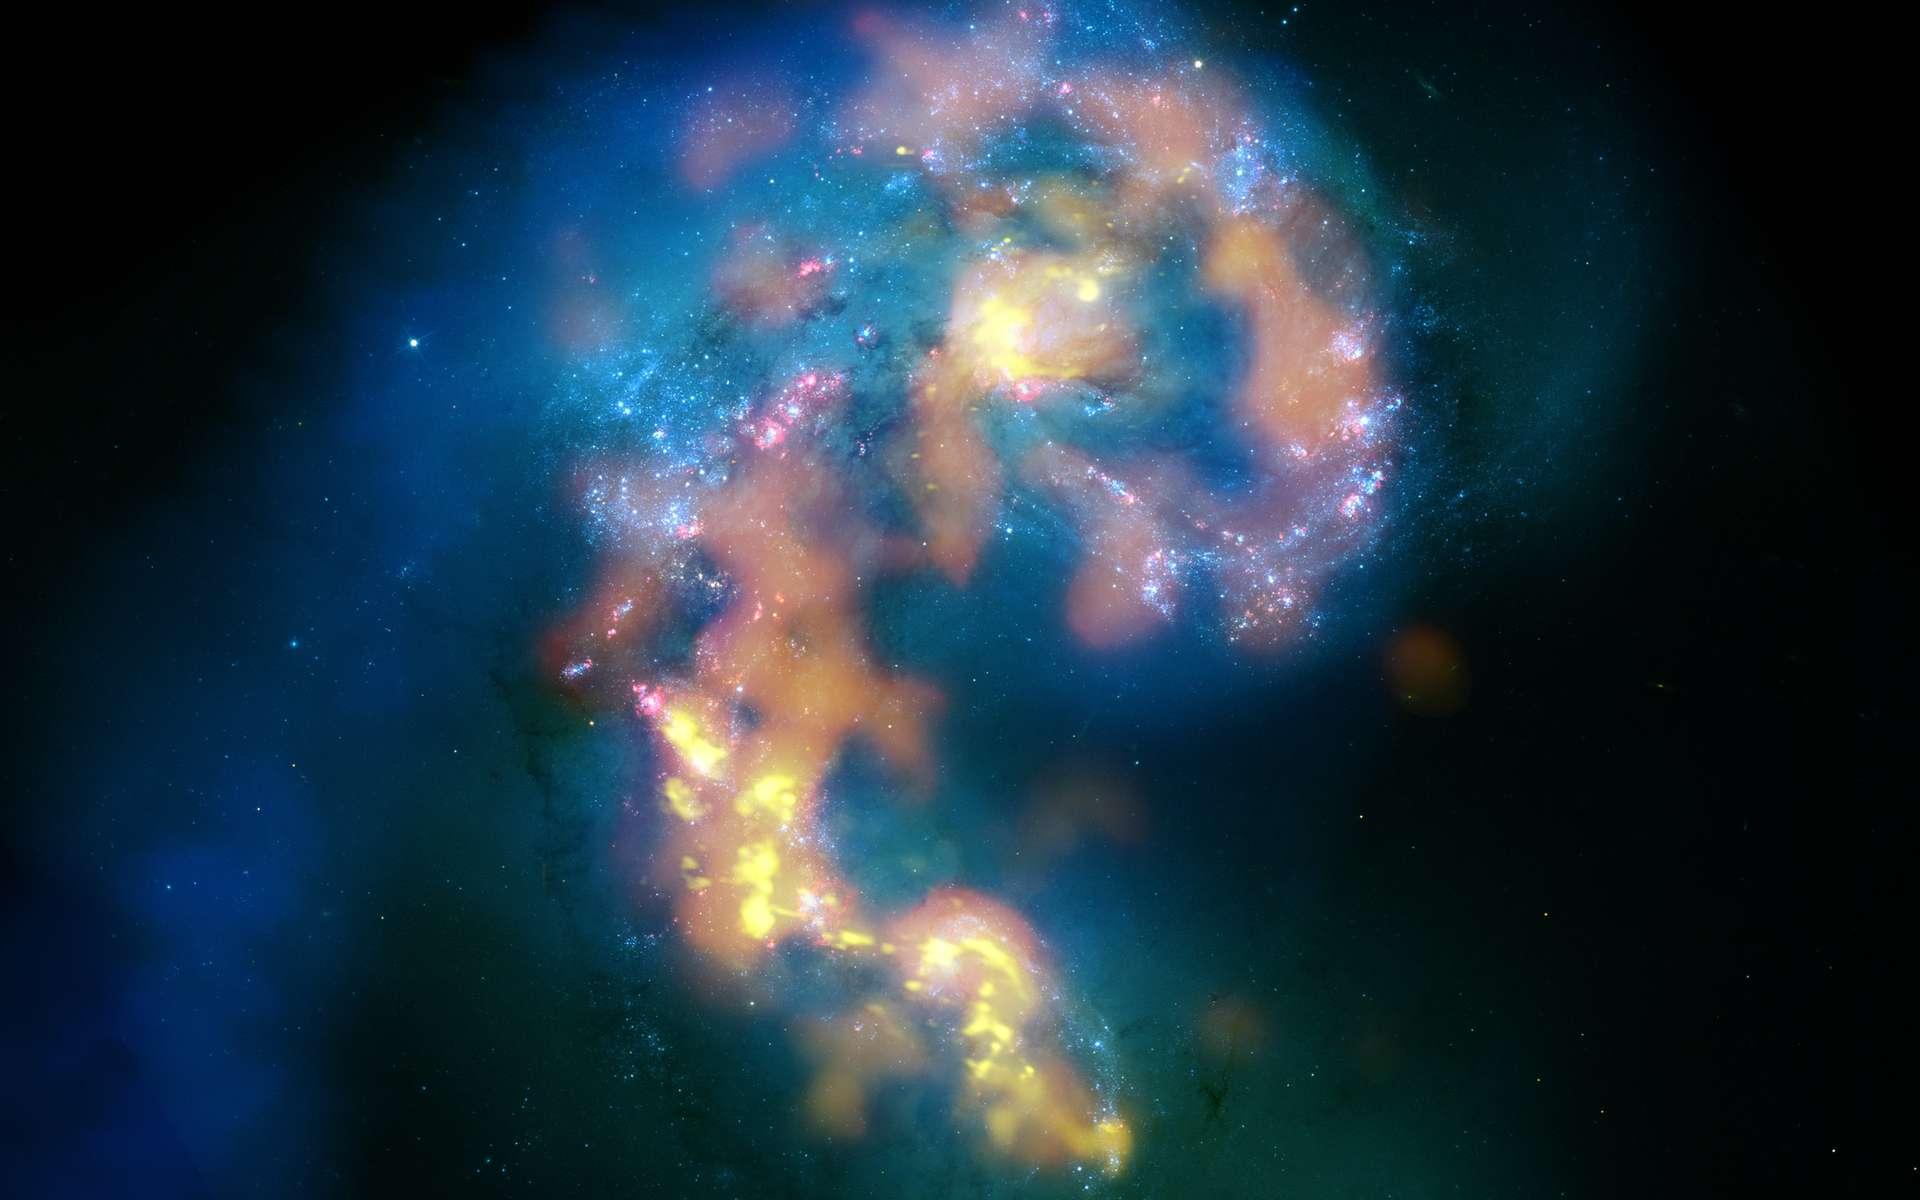 Cette image de la galaxie des Antennes est une mosaïque qui combine deux types d'images prises dans trois longueurs d'onde différentes par Hubble, dans le visible et Alma, dans le millimétrique et submillimétrique. Les données Alma (orange et jaune) montrent les nuages de gaz froid très denses, lieux de naissance des étoiles. © B. Saxton, (NRAO/AUI/NSF); Alma (ESO/NAOJ/NRAO); HST (Nasa, Esa, et B. Whitmore (STScI); J. Hibbard, (NRAO/AUI/NSF)